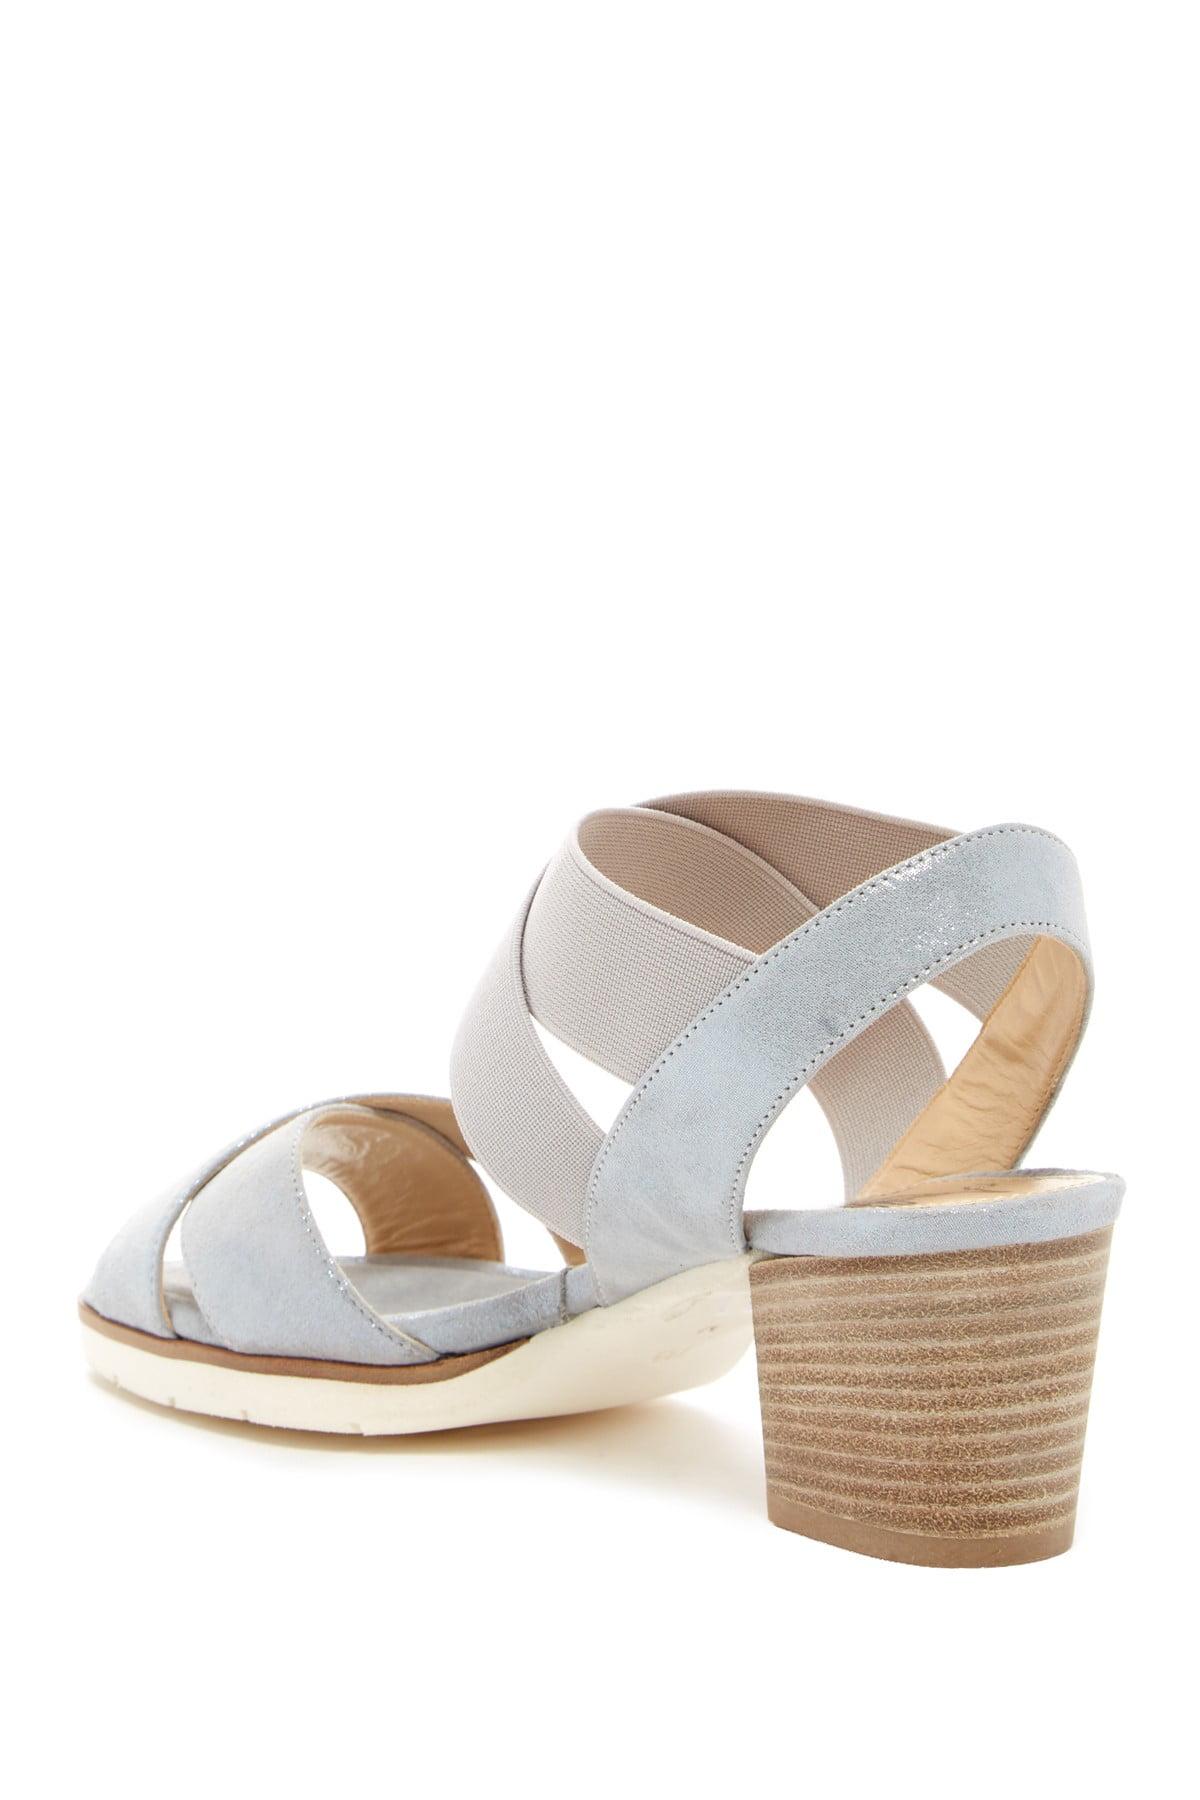 Amalfi by Rangoni Womens Futuro Open Toe Casual Strappy Sandals by Amalfi by Rangoni